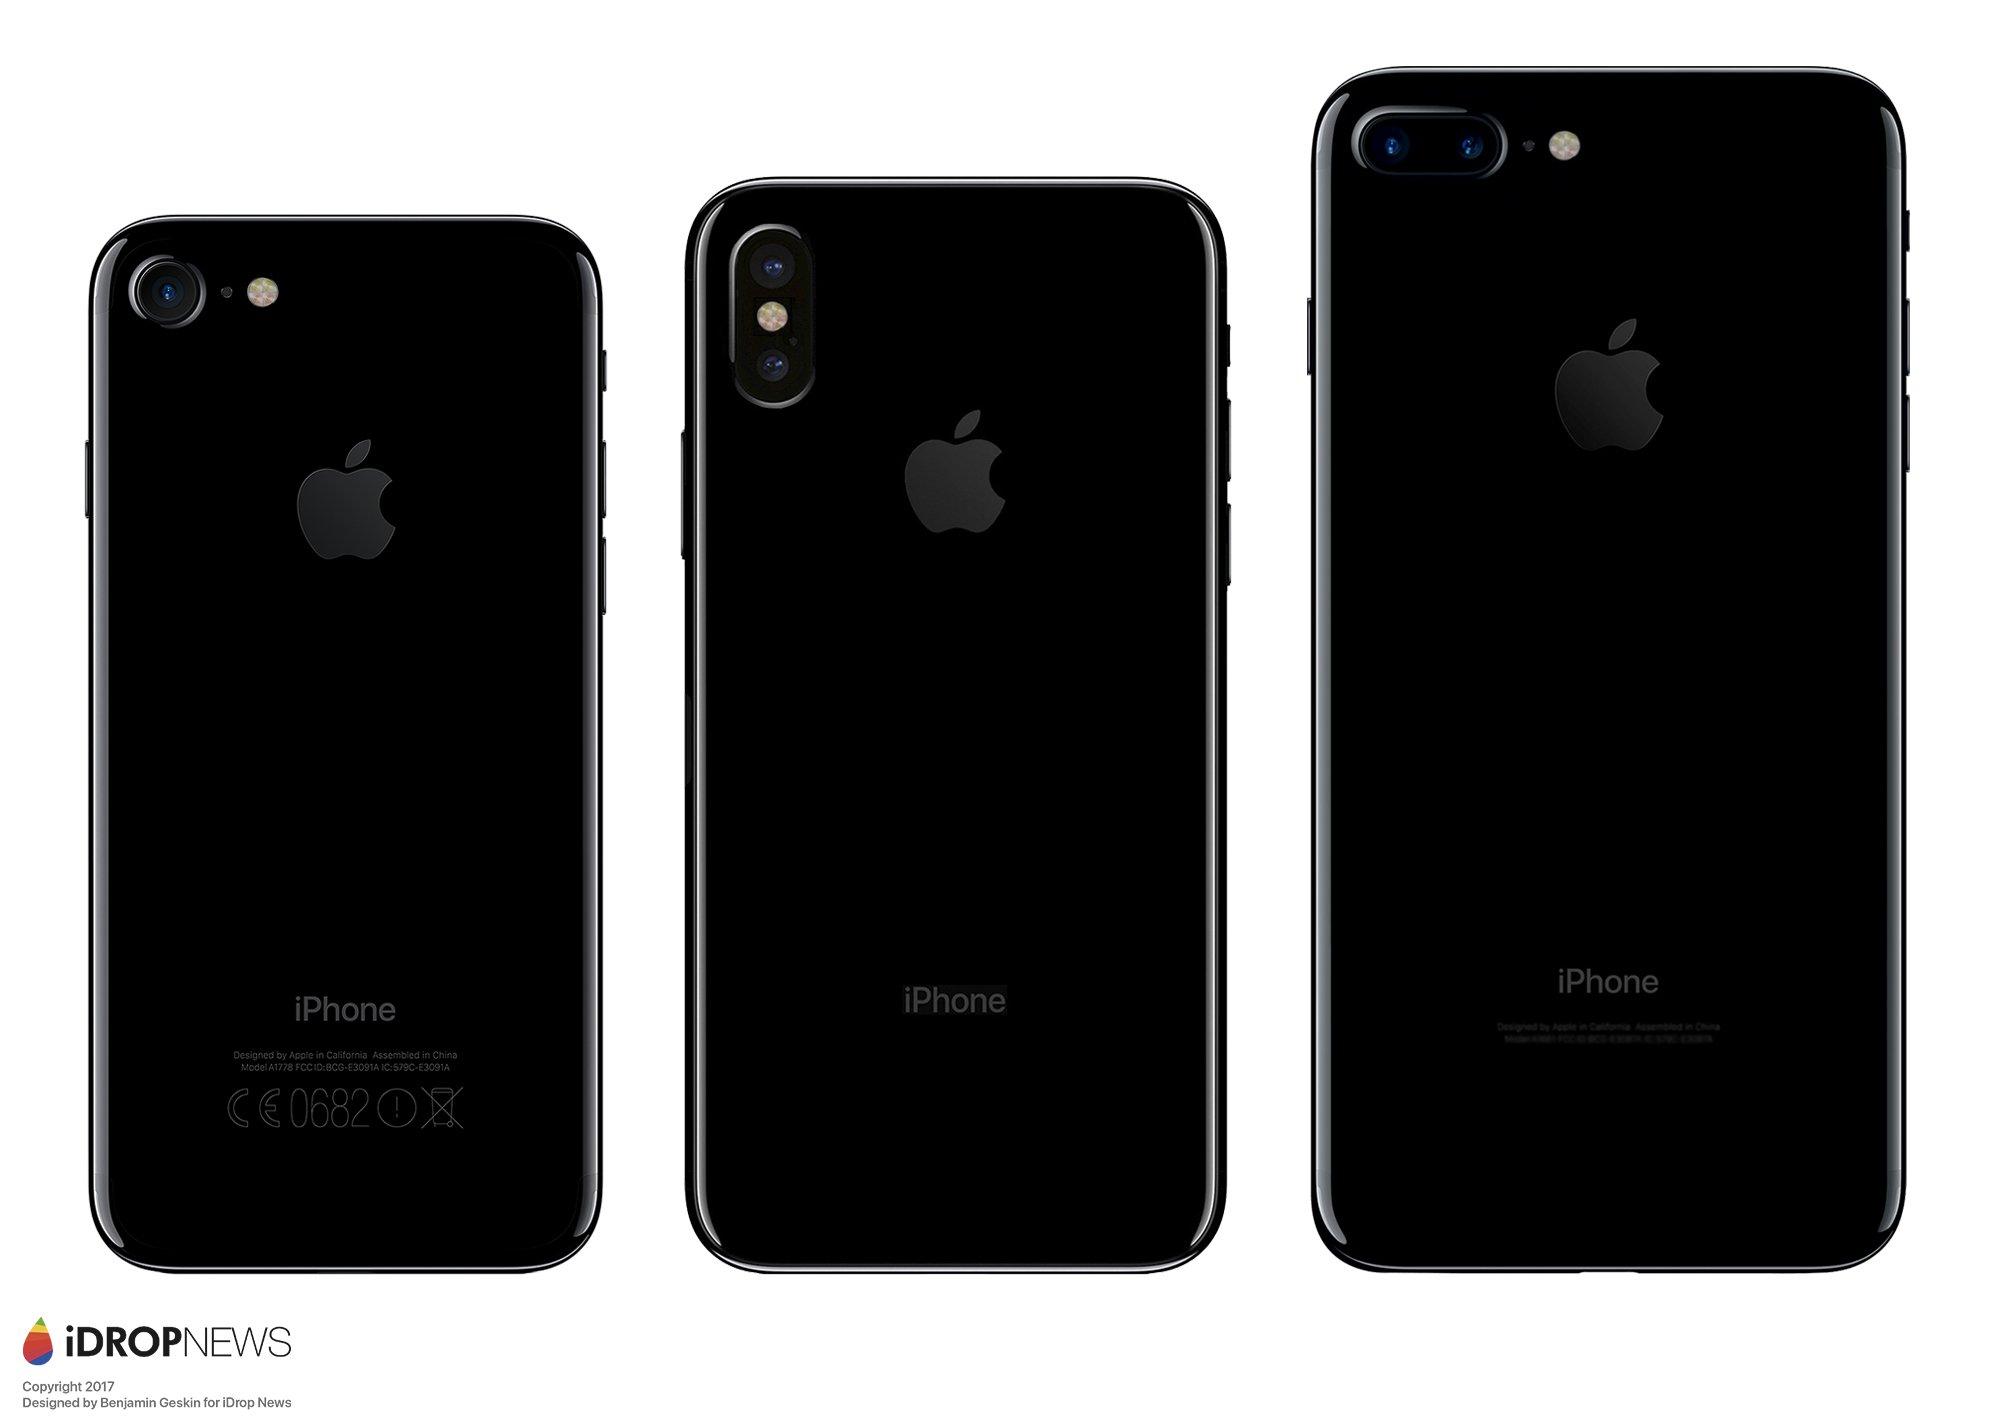 Крупная утечка из Foxconn: iPhone 8, умная колонка, очки и многое другое